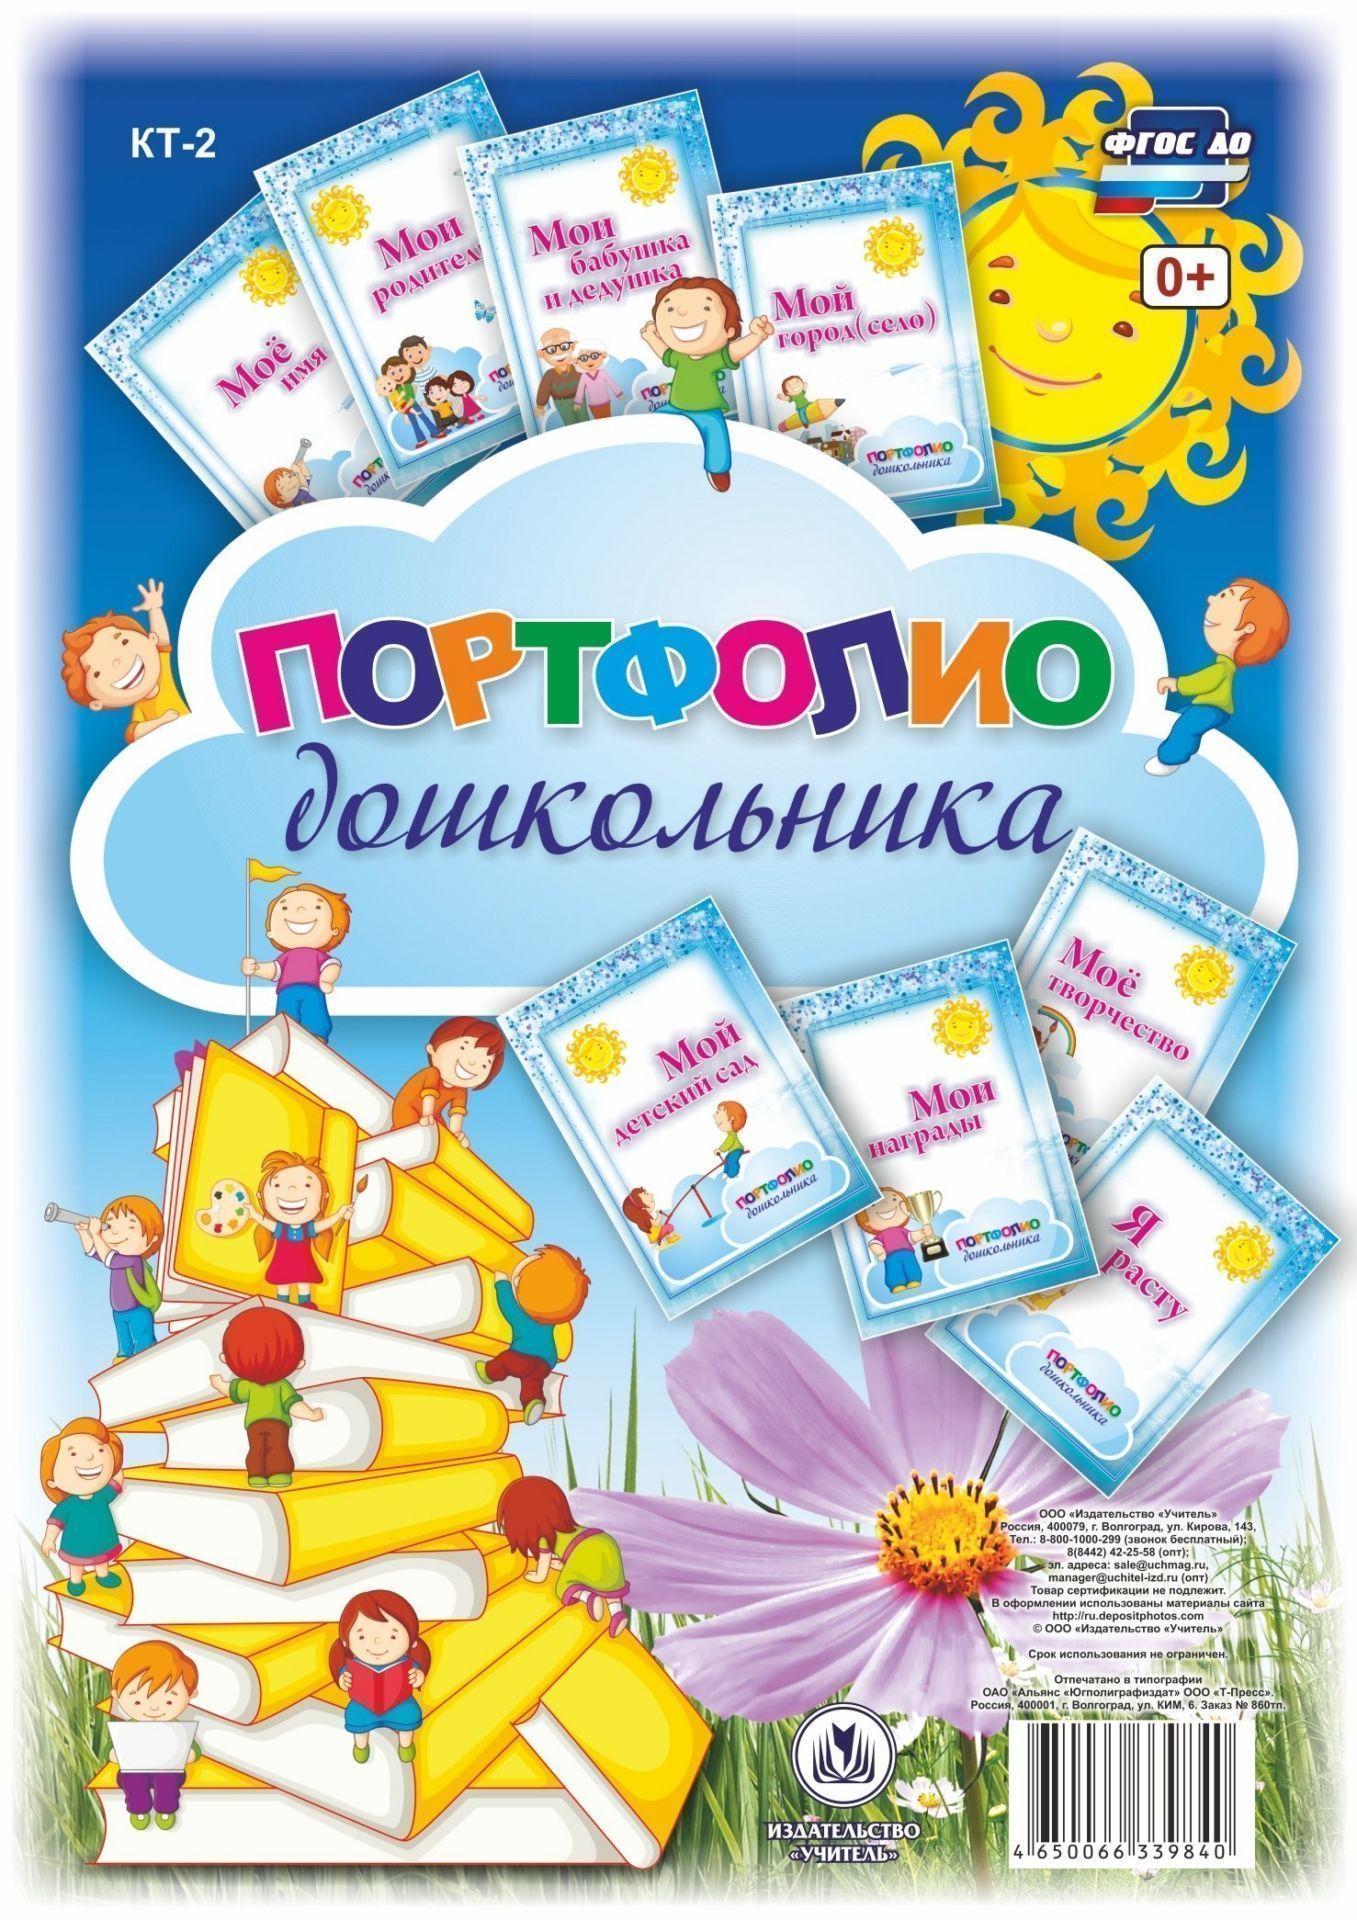 Набор титульных листов для Портфолио дошкольника: 8 красочных разделителей